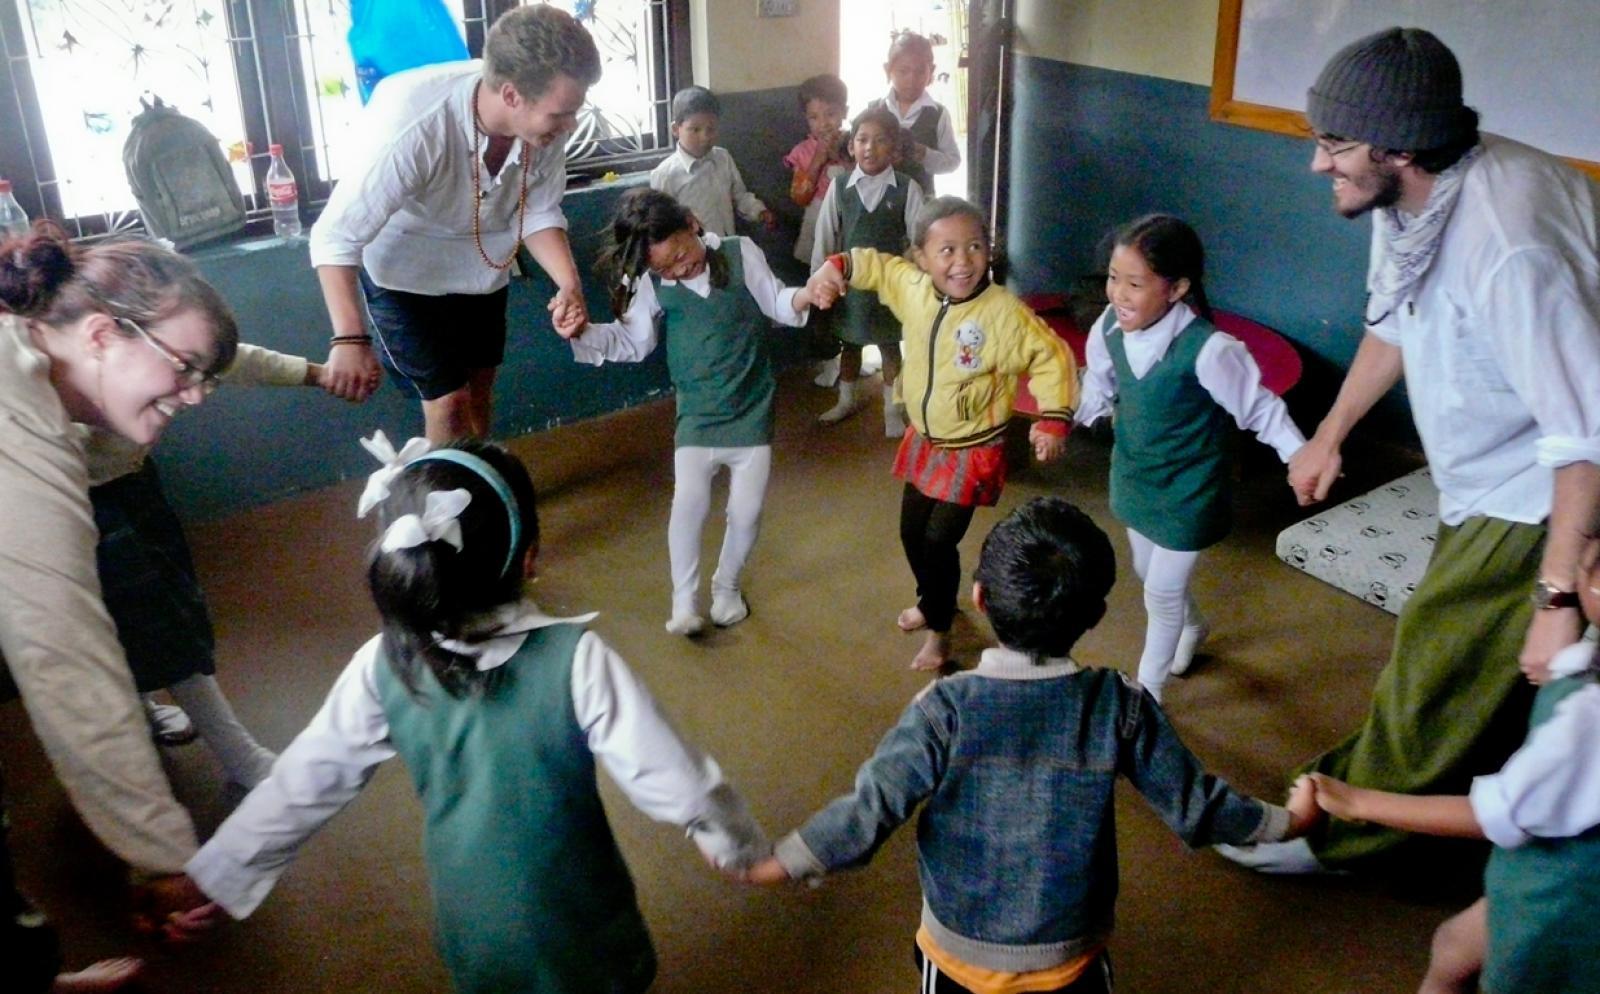 ネパールの子供たちとアクティビティを行うチャイルドケアボランティア